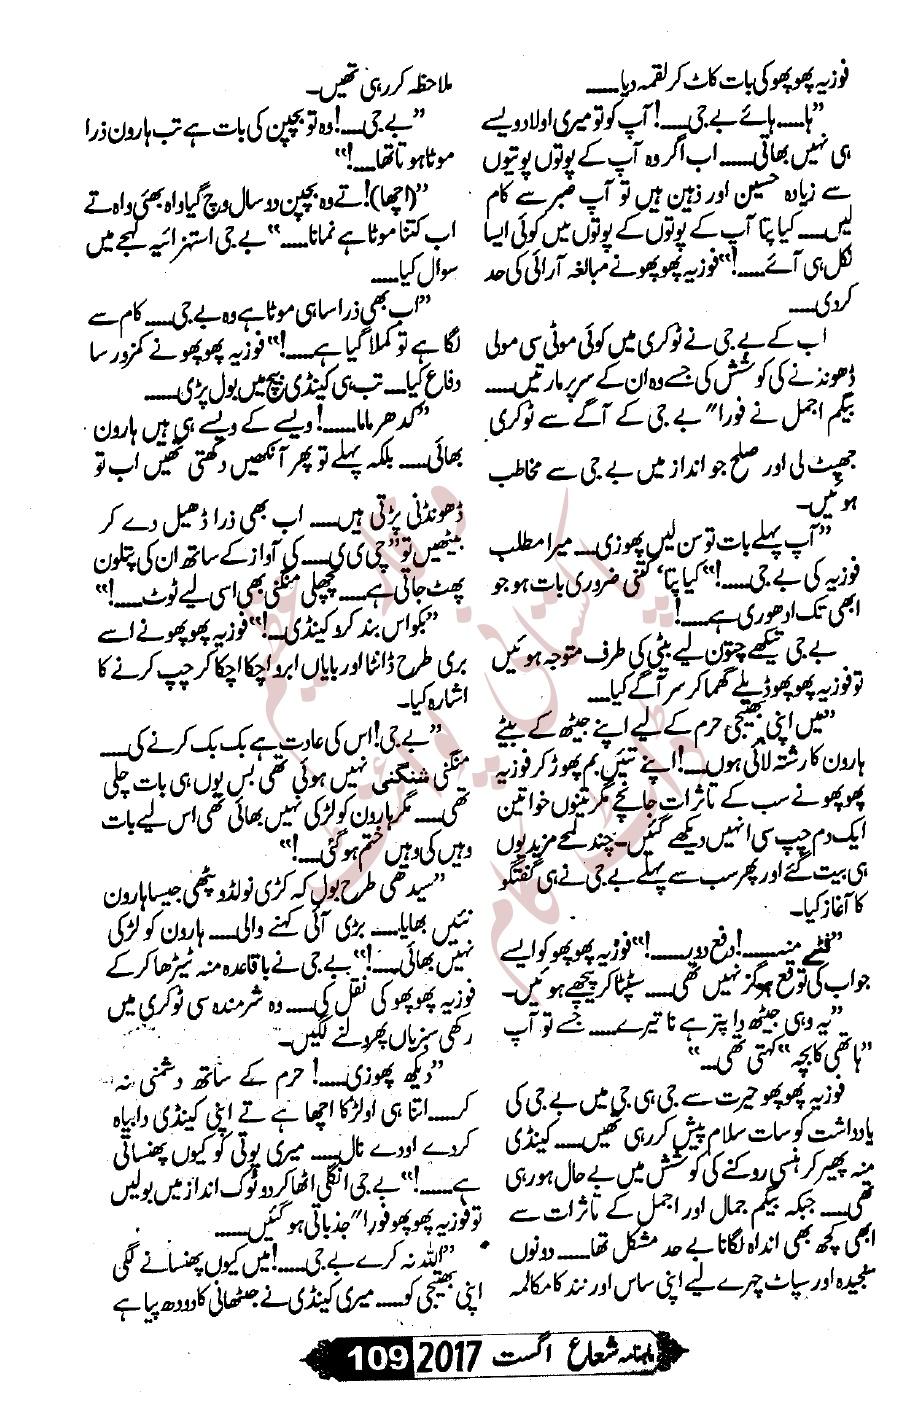 EZ Readings: Piya milan lo rutt by Umme Tefoor complete